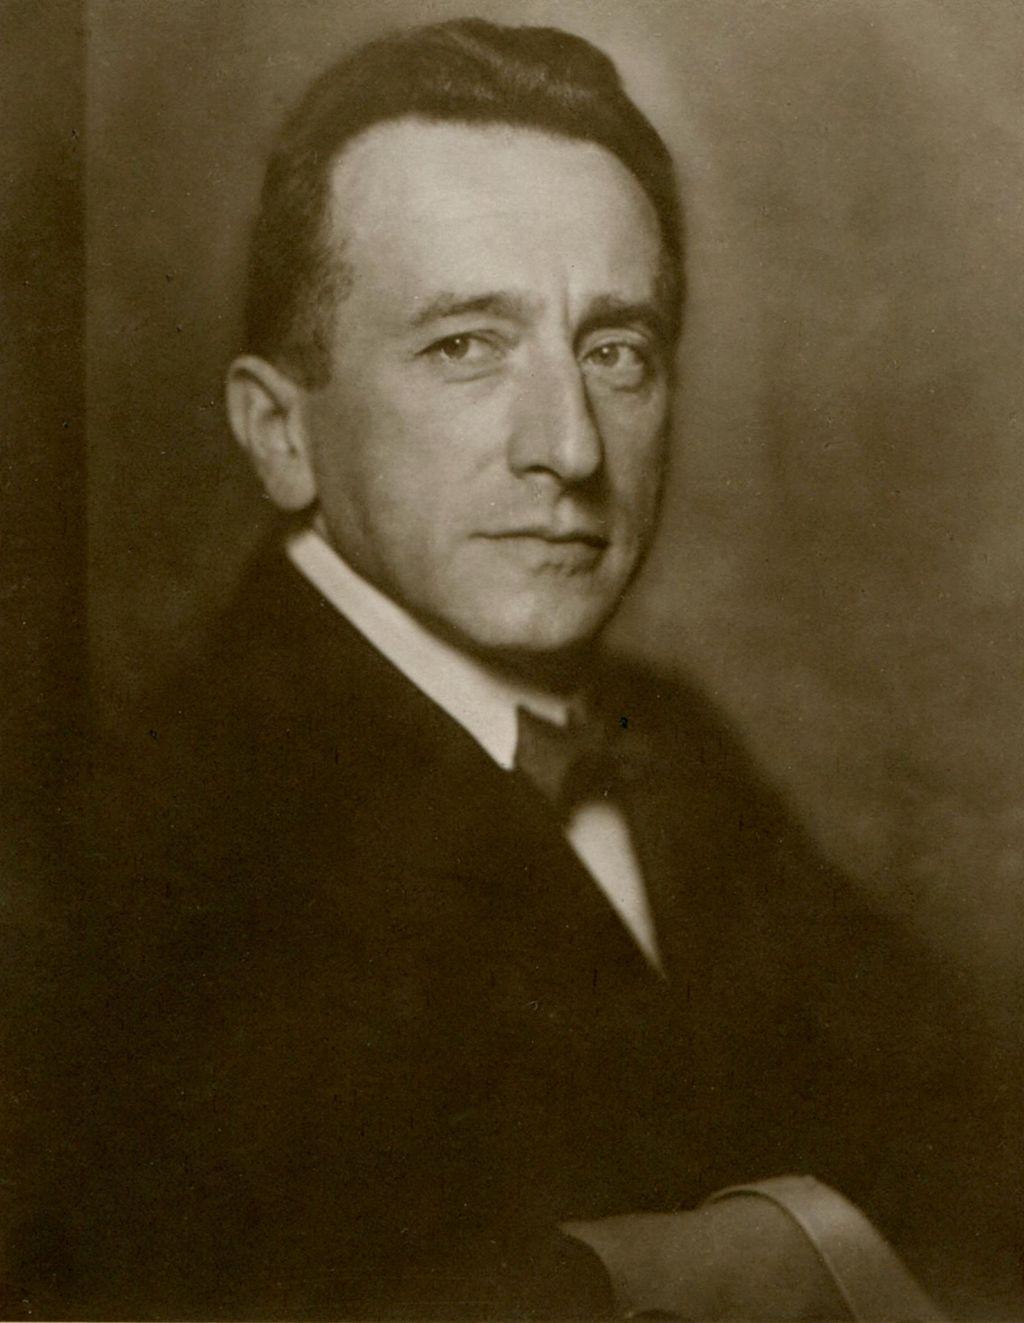 Sommereggers Klassikwelt 84 – Leo Blech, der Preußische Generalmusikdirektor  klassik-begeistert.de